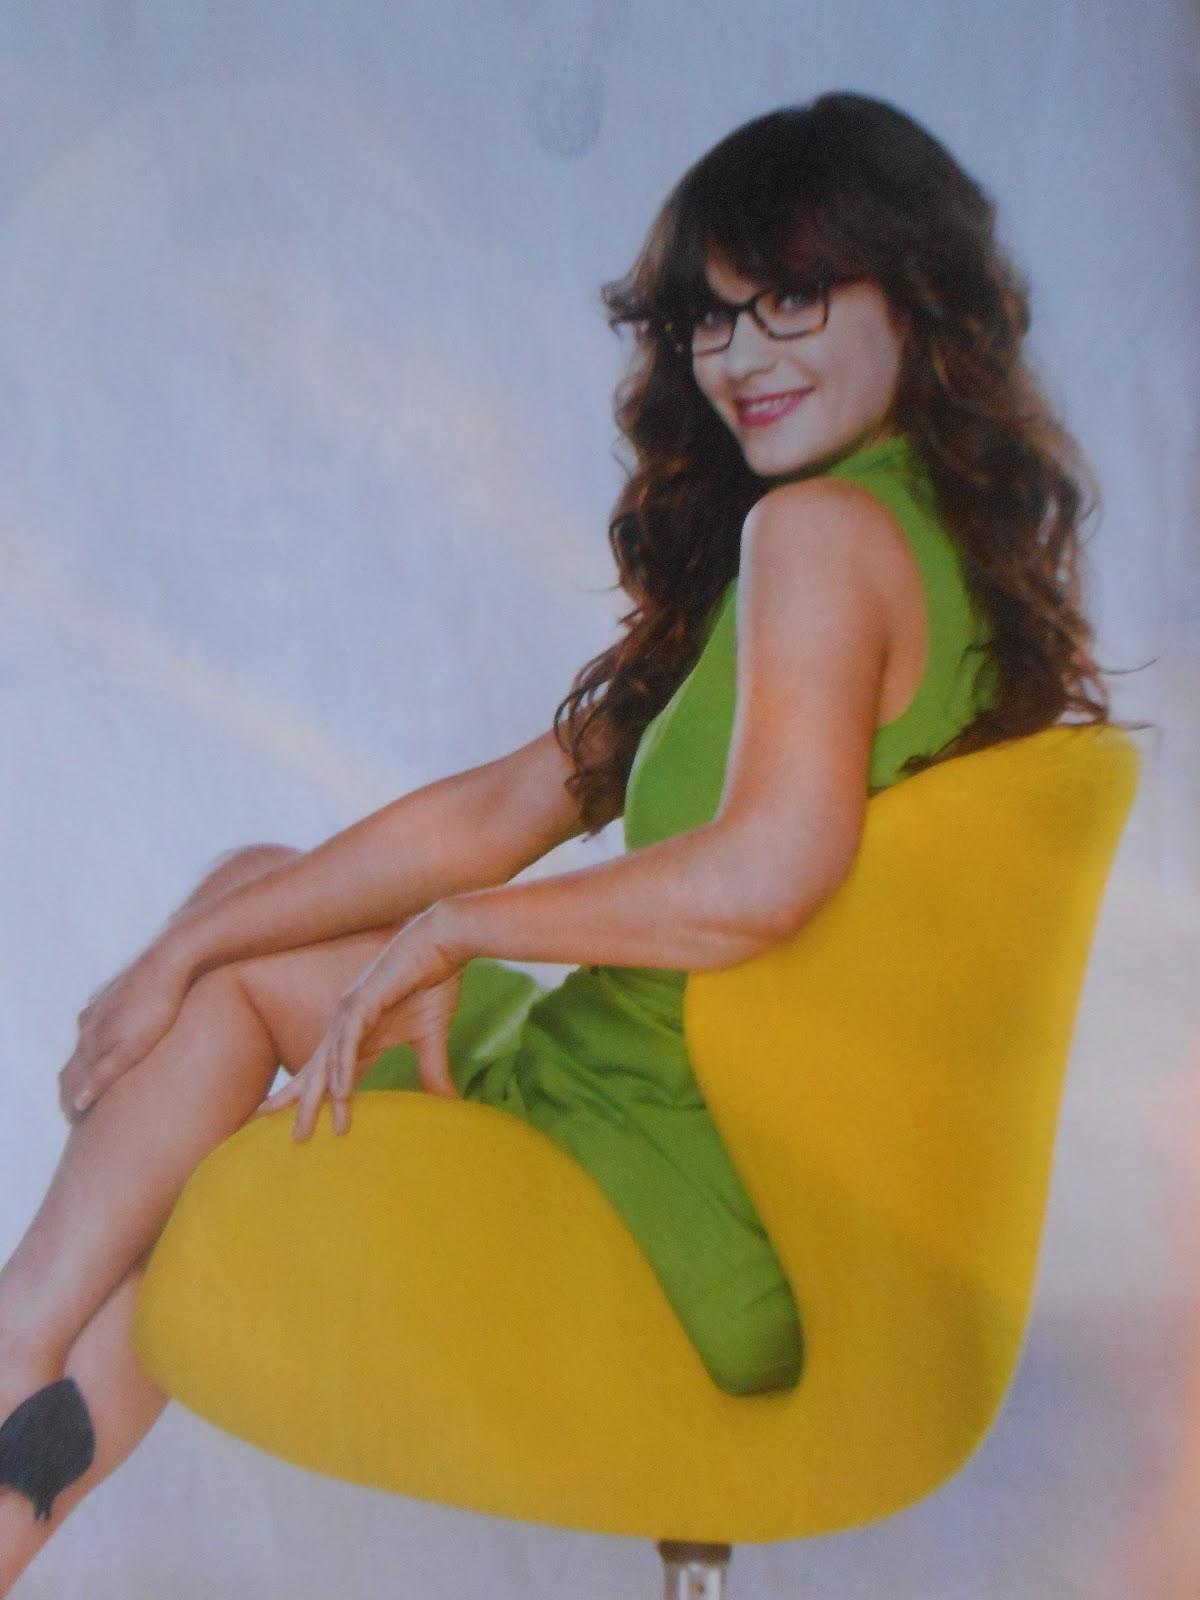 http://1.bp.blogspot.com/-Z76Ih8Y2YTM/T9UInWNwn9I/AAAAAAAAAB8/5x8mQdpiVgc/s1600/Zooey+Deschanel+%28New+Girl%29.JPG